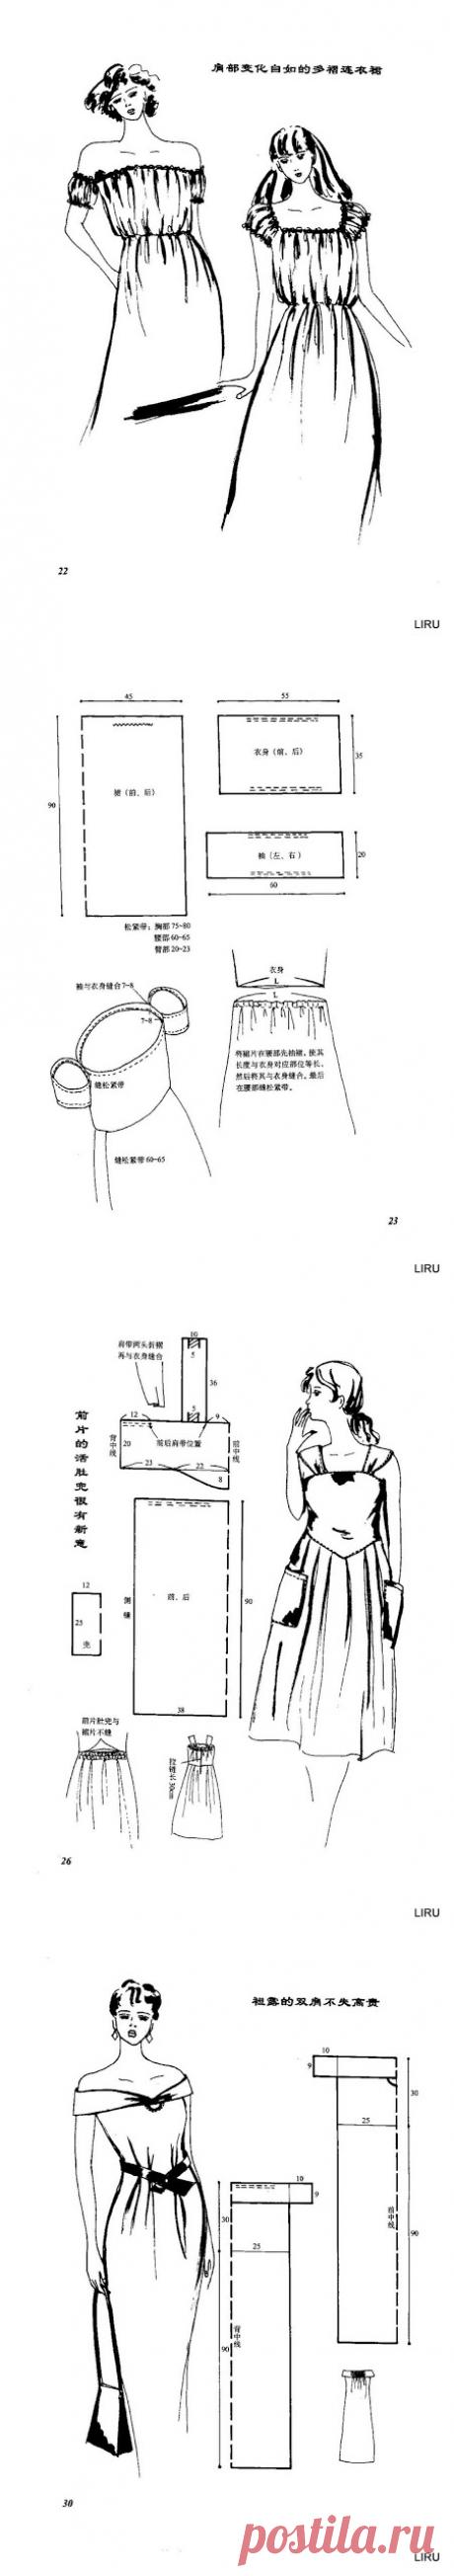 Мастера и умники: Серия сообщений: Простые выкройки из Японского журнала. № 4